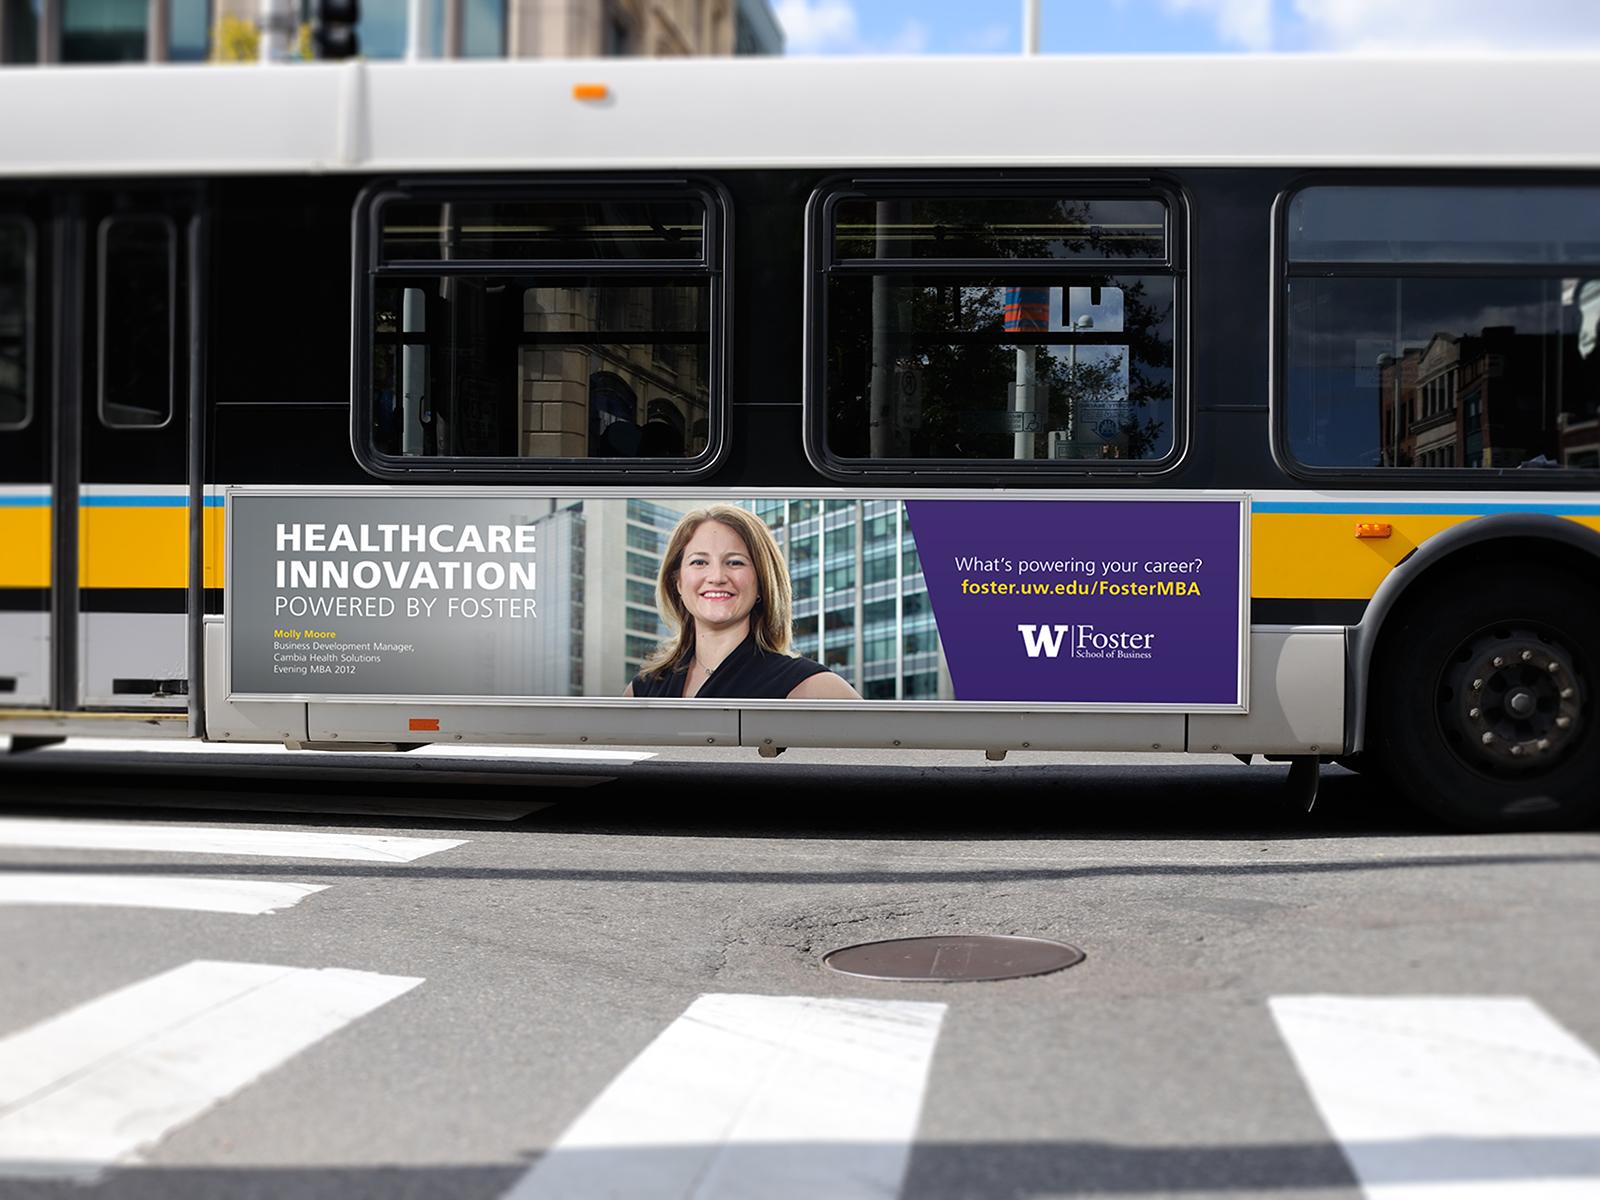 Lead-Gen-UW-bus-side-131902621.jpg